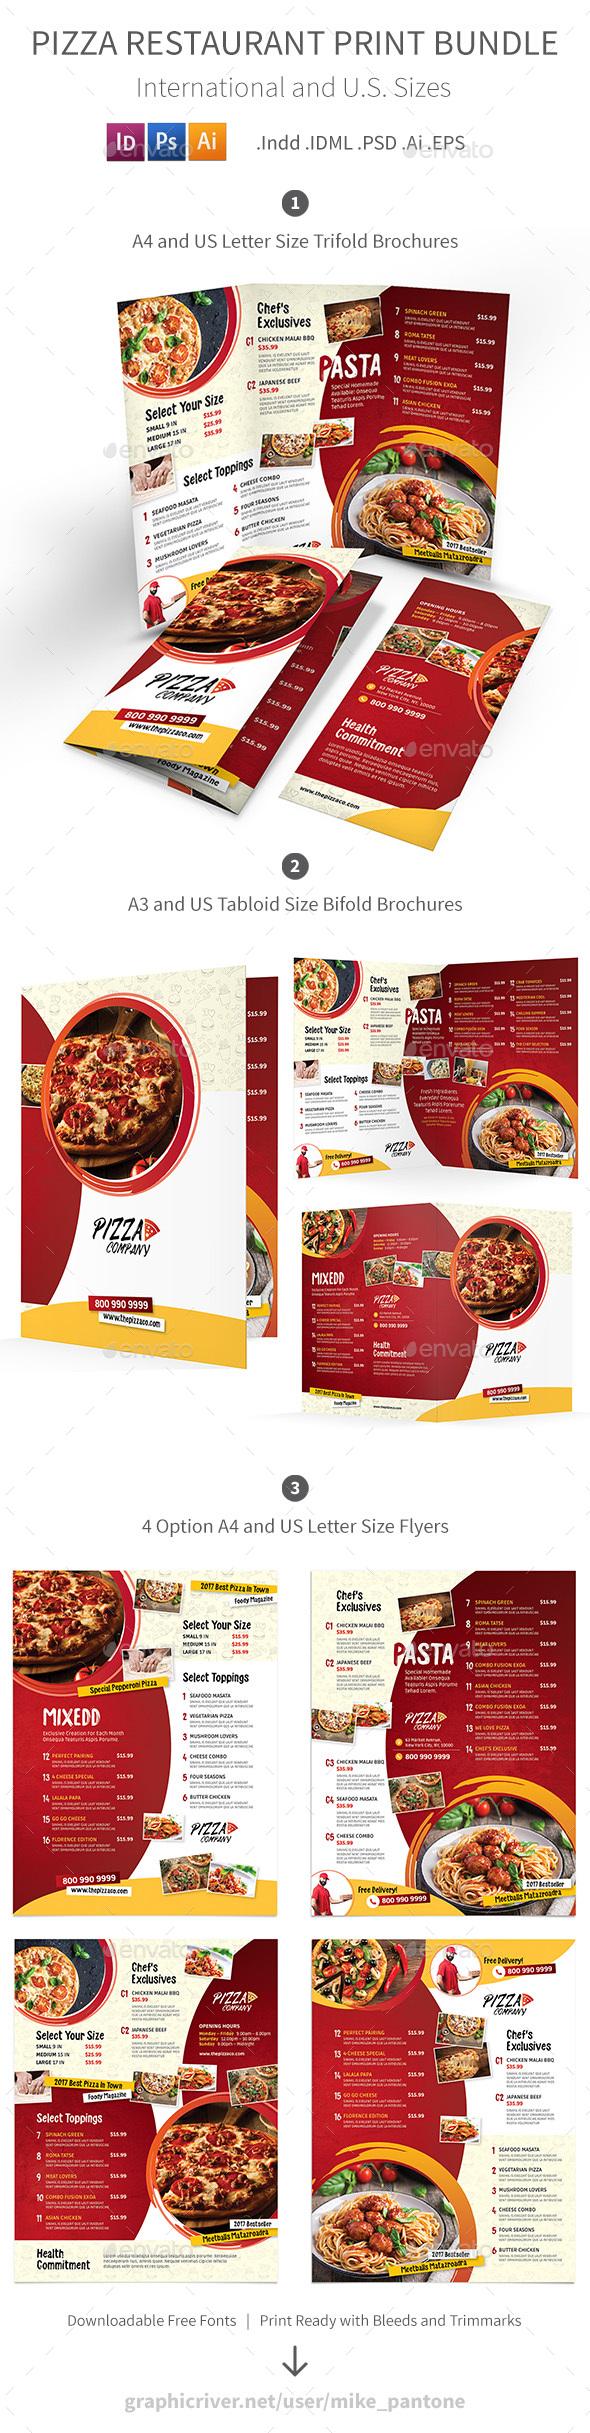 Pizza Restaurant Print Bundle 2